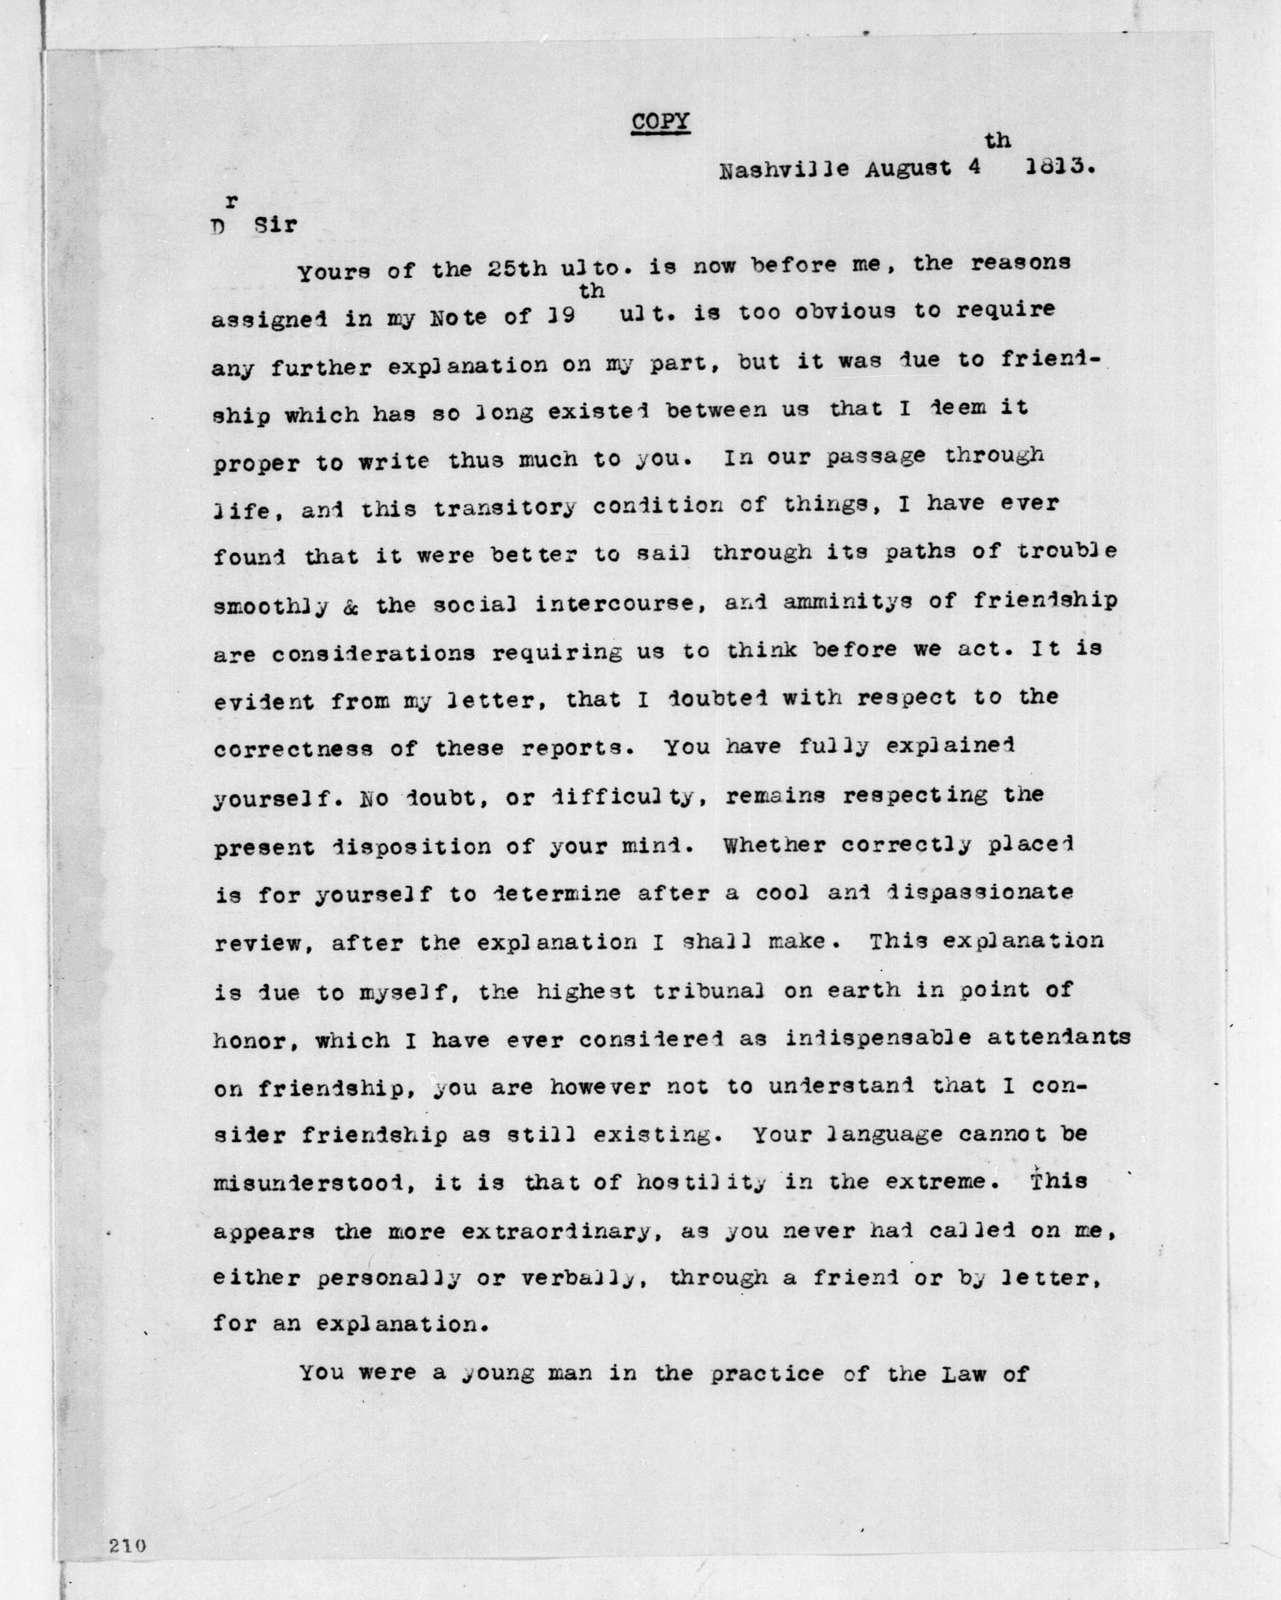 Andrew Jackson to Thomas H. Benton, August 4, 1813